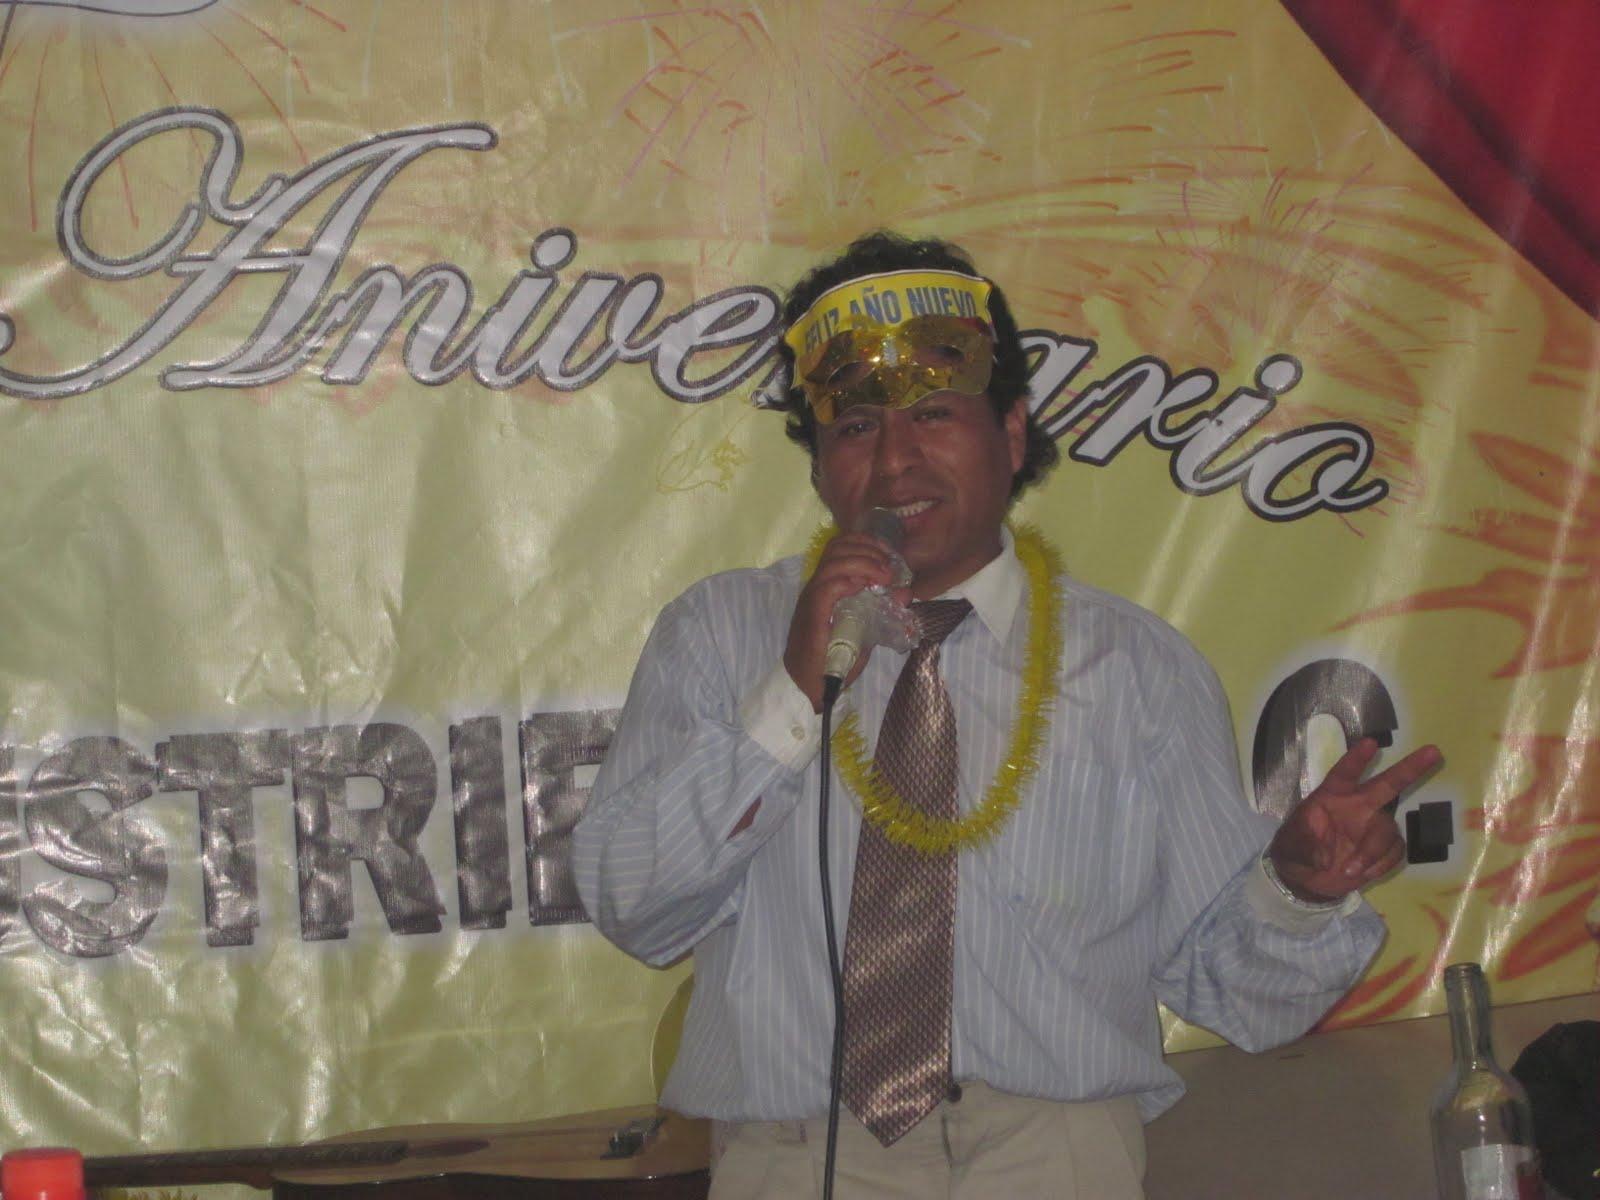 Jose Luis Zorro - Agua Subterranea